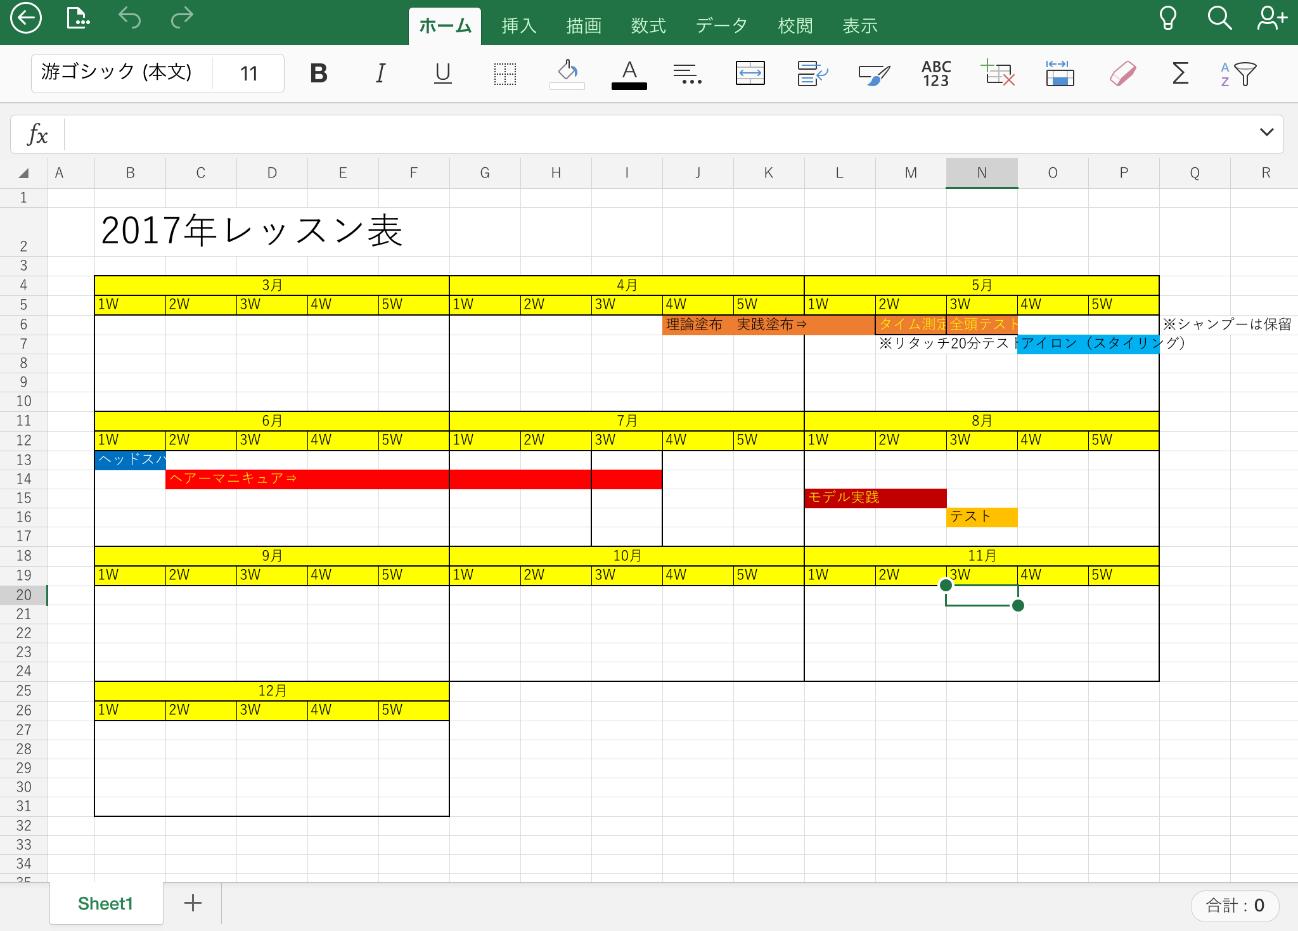 Excelをタブレットで利用した場合